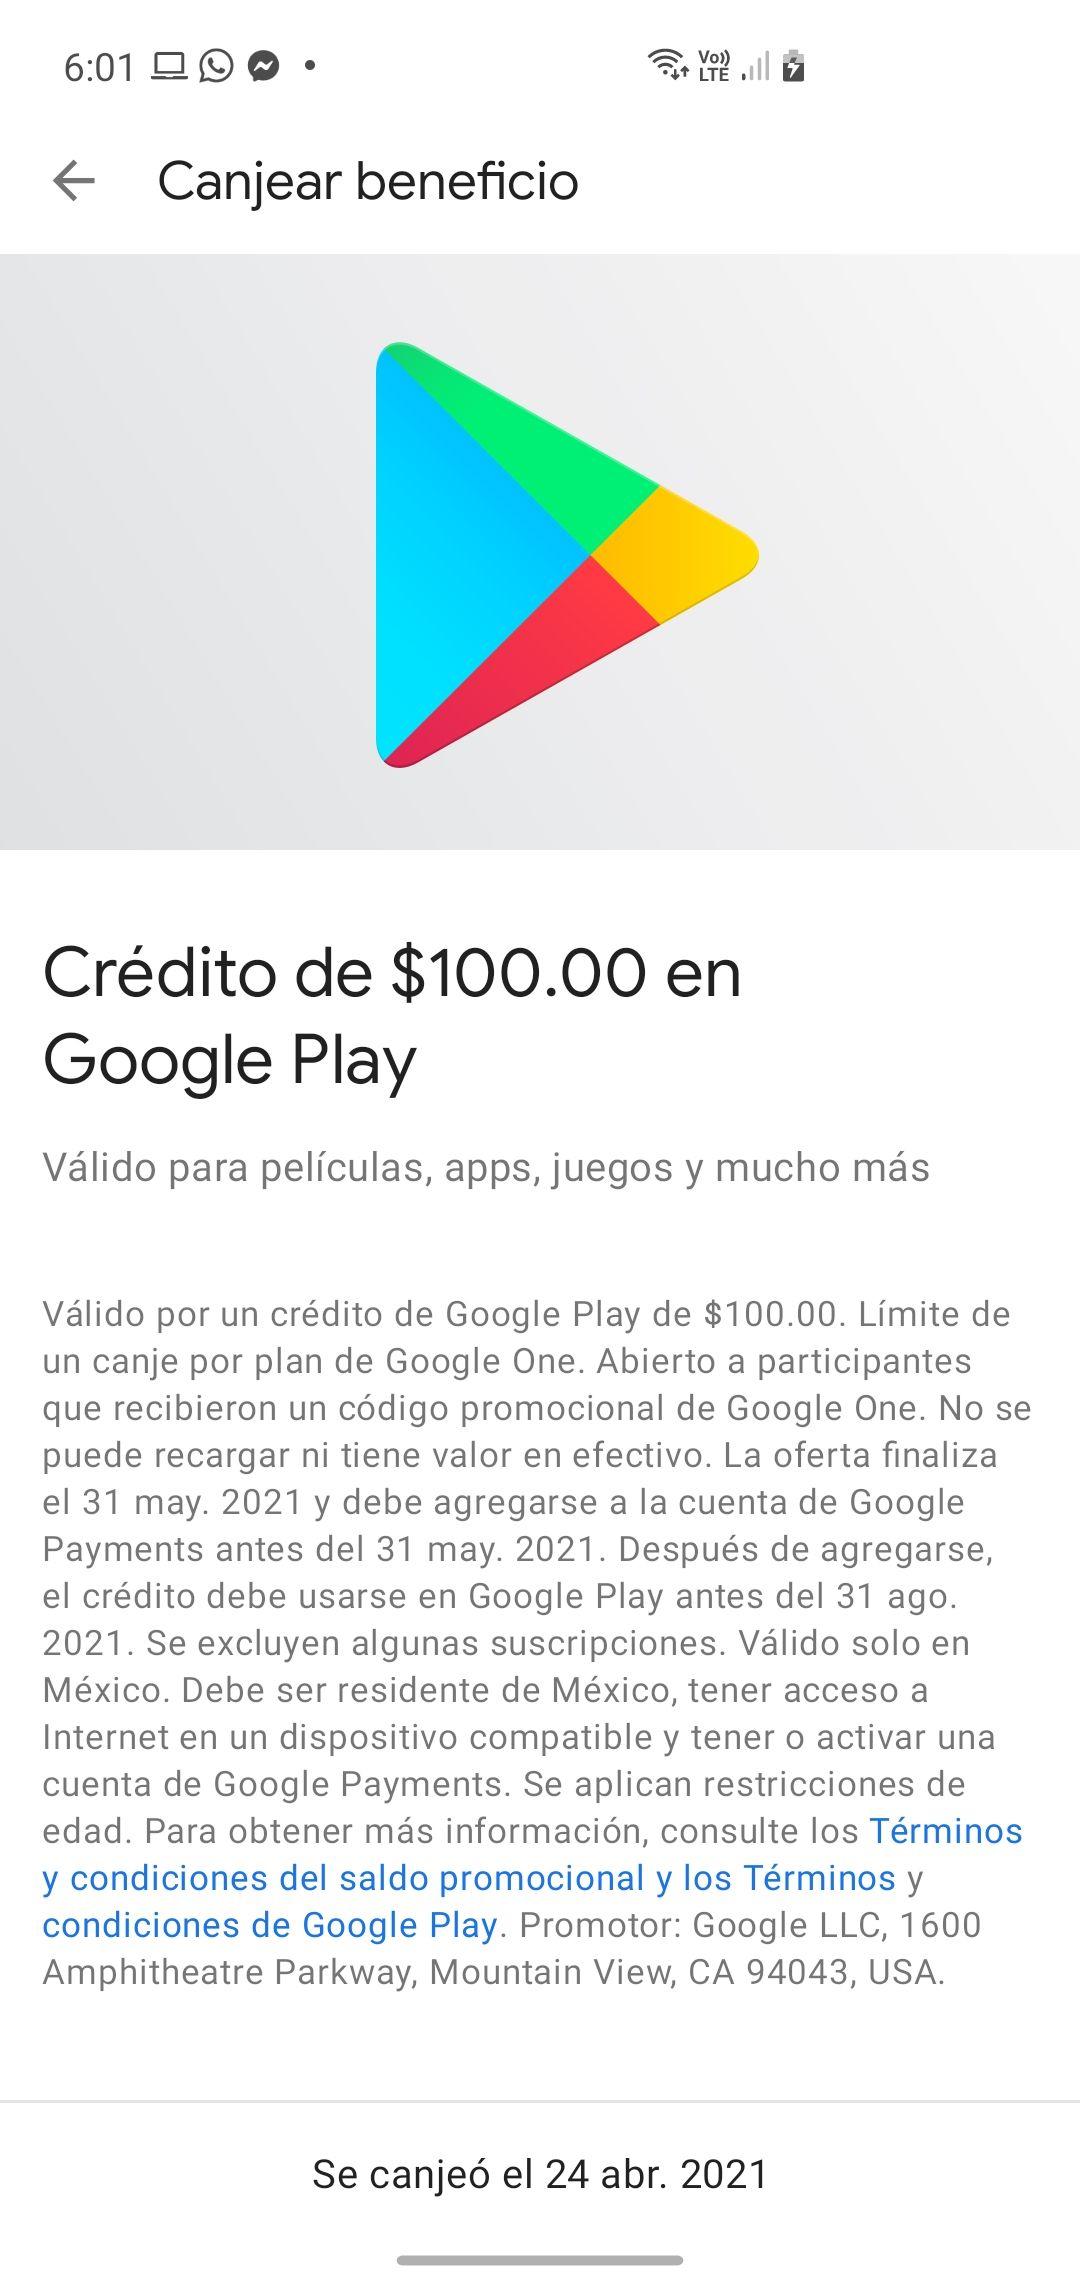 100 de crédito para Playstore si cuentas con cuenta de Google One